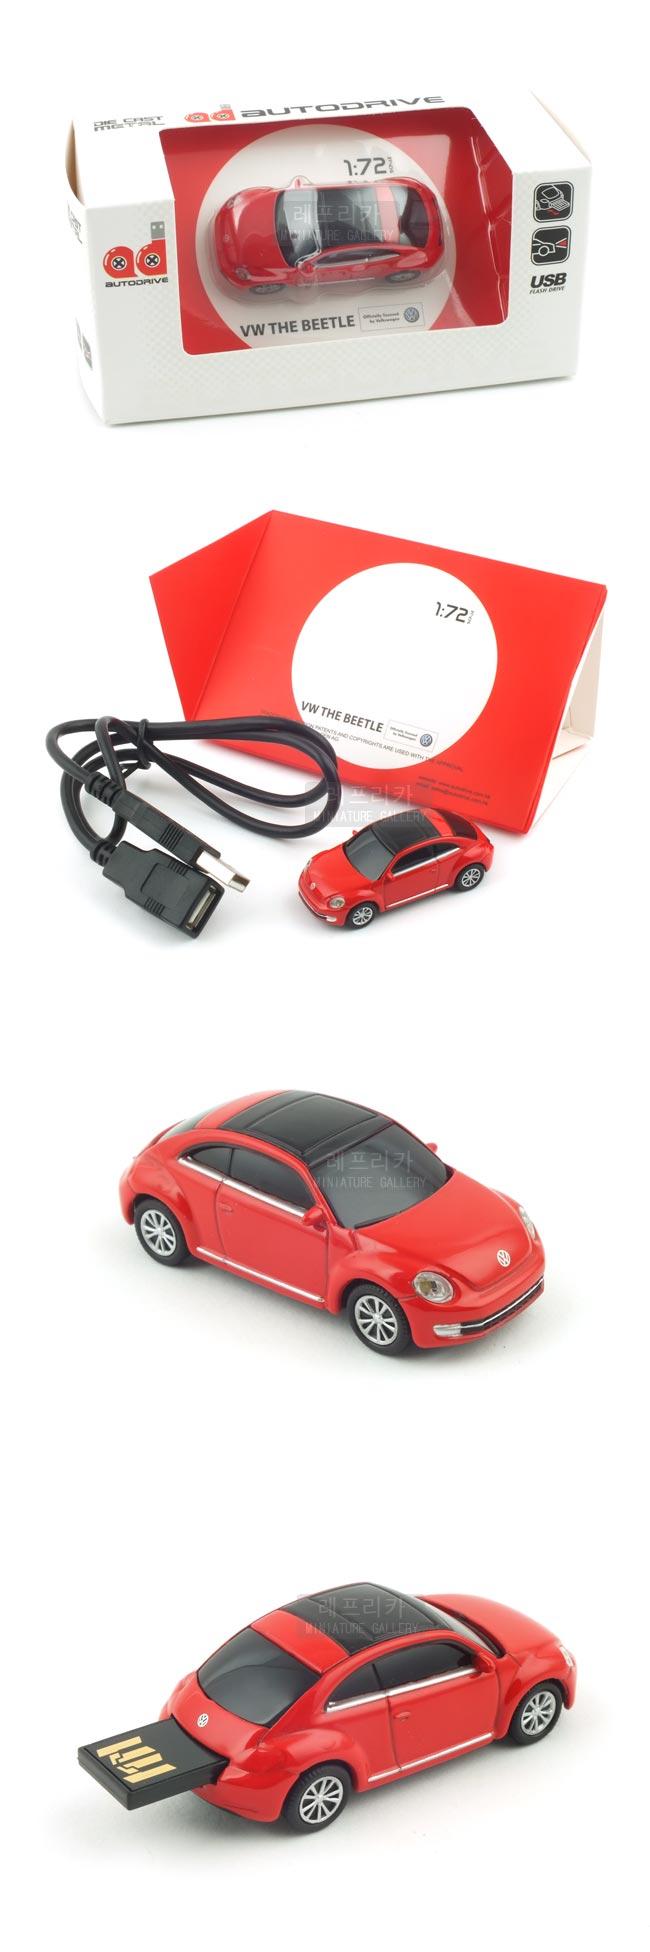 폭스바겐 더 비틀 USB 16GB (WE002060RE) - 레프리카, 70,000원, 캐릭터형 USB 메모리, USB 16G